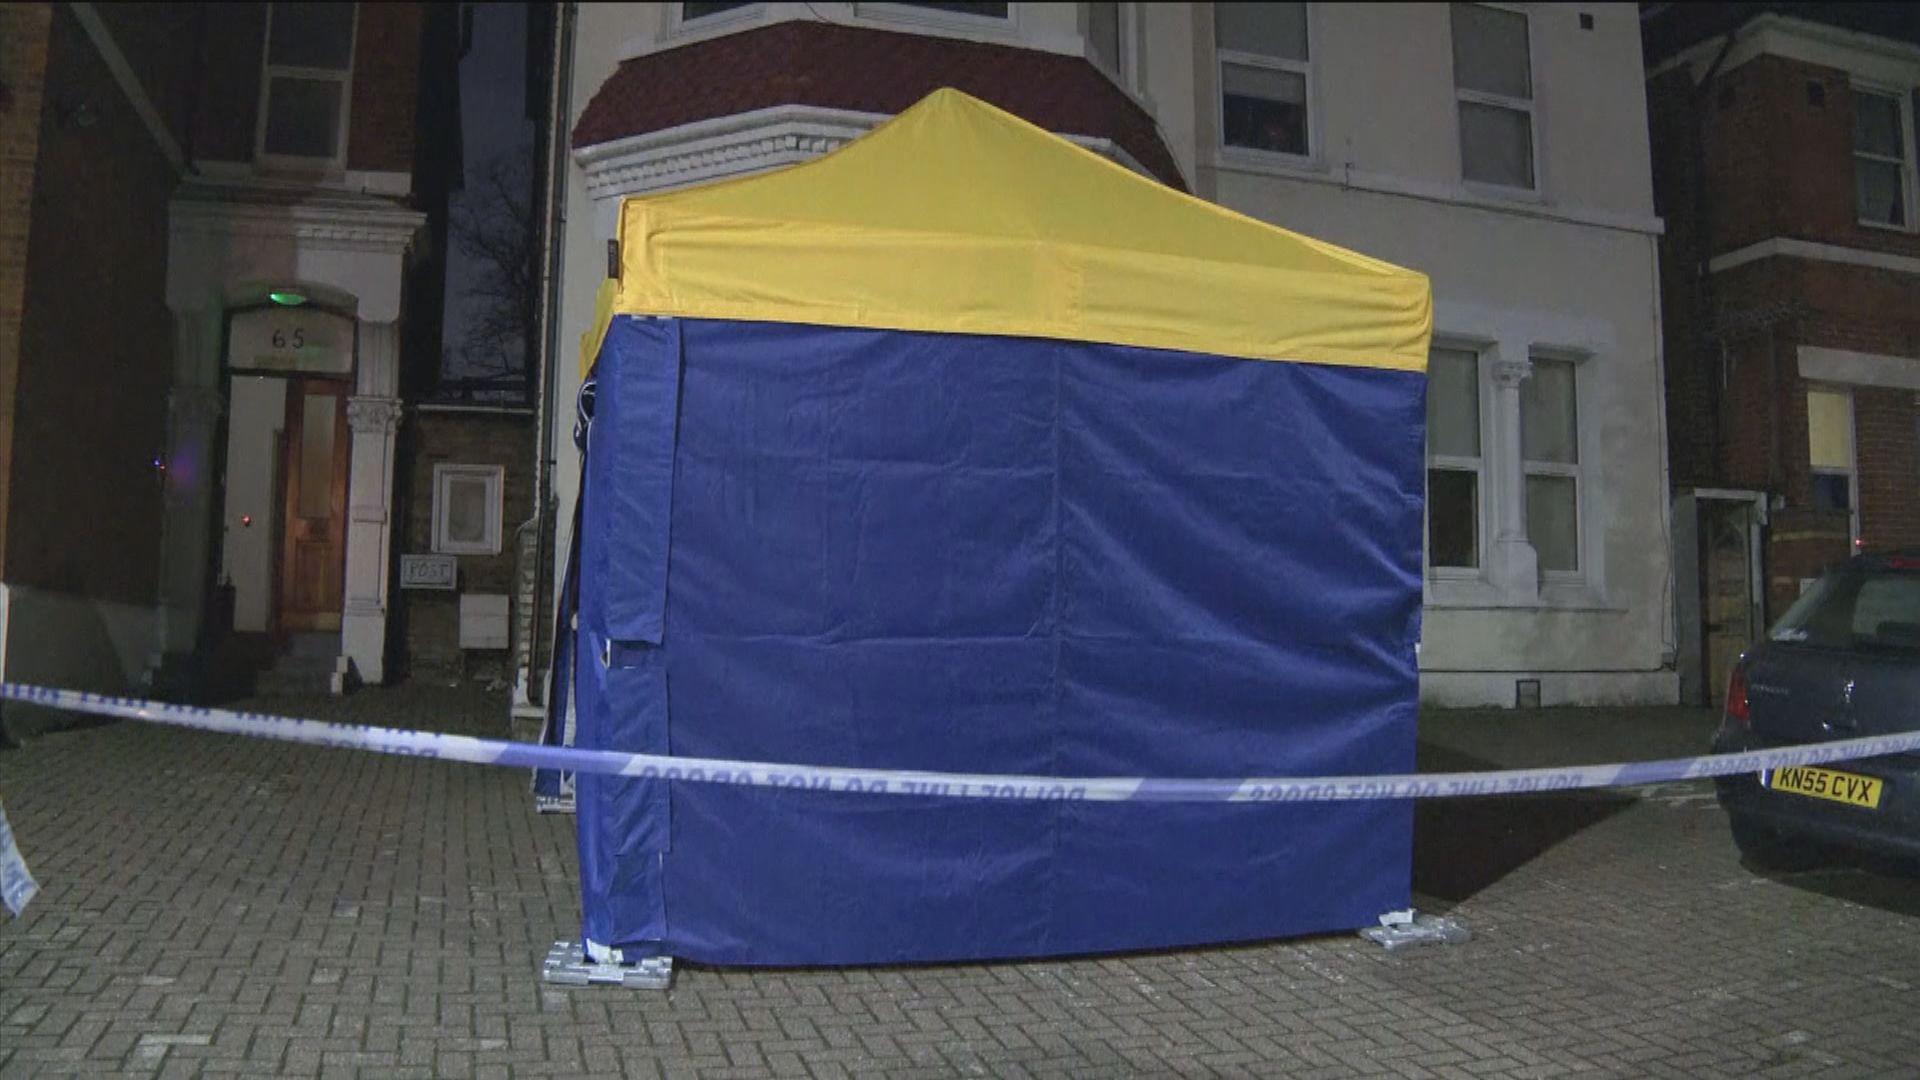 英國倫敦有空置樓房發現懷疑爆炸品